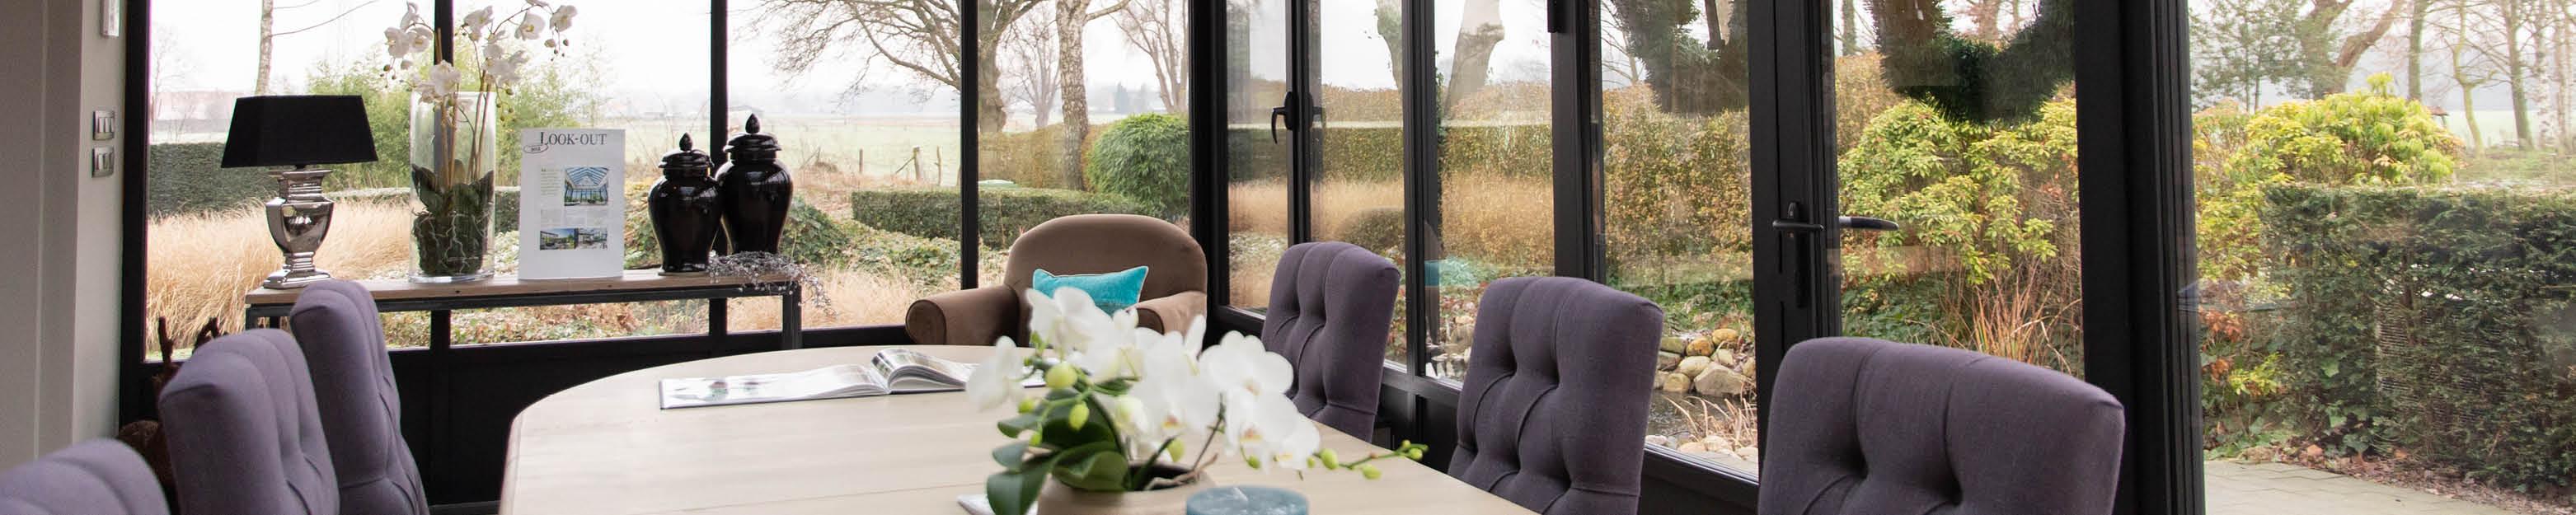 Veranda in glas met houten tafel